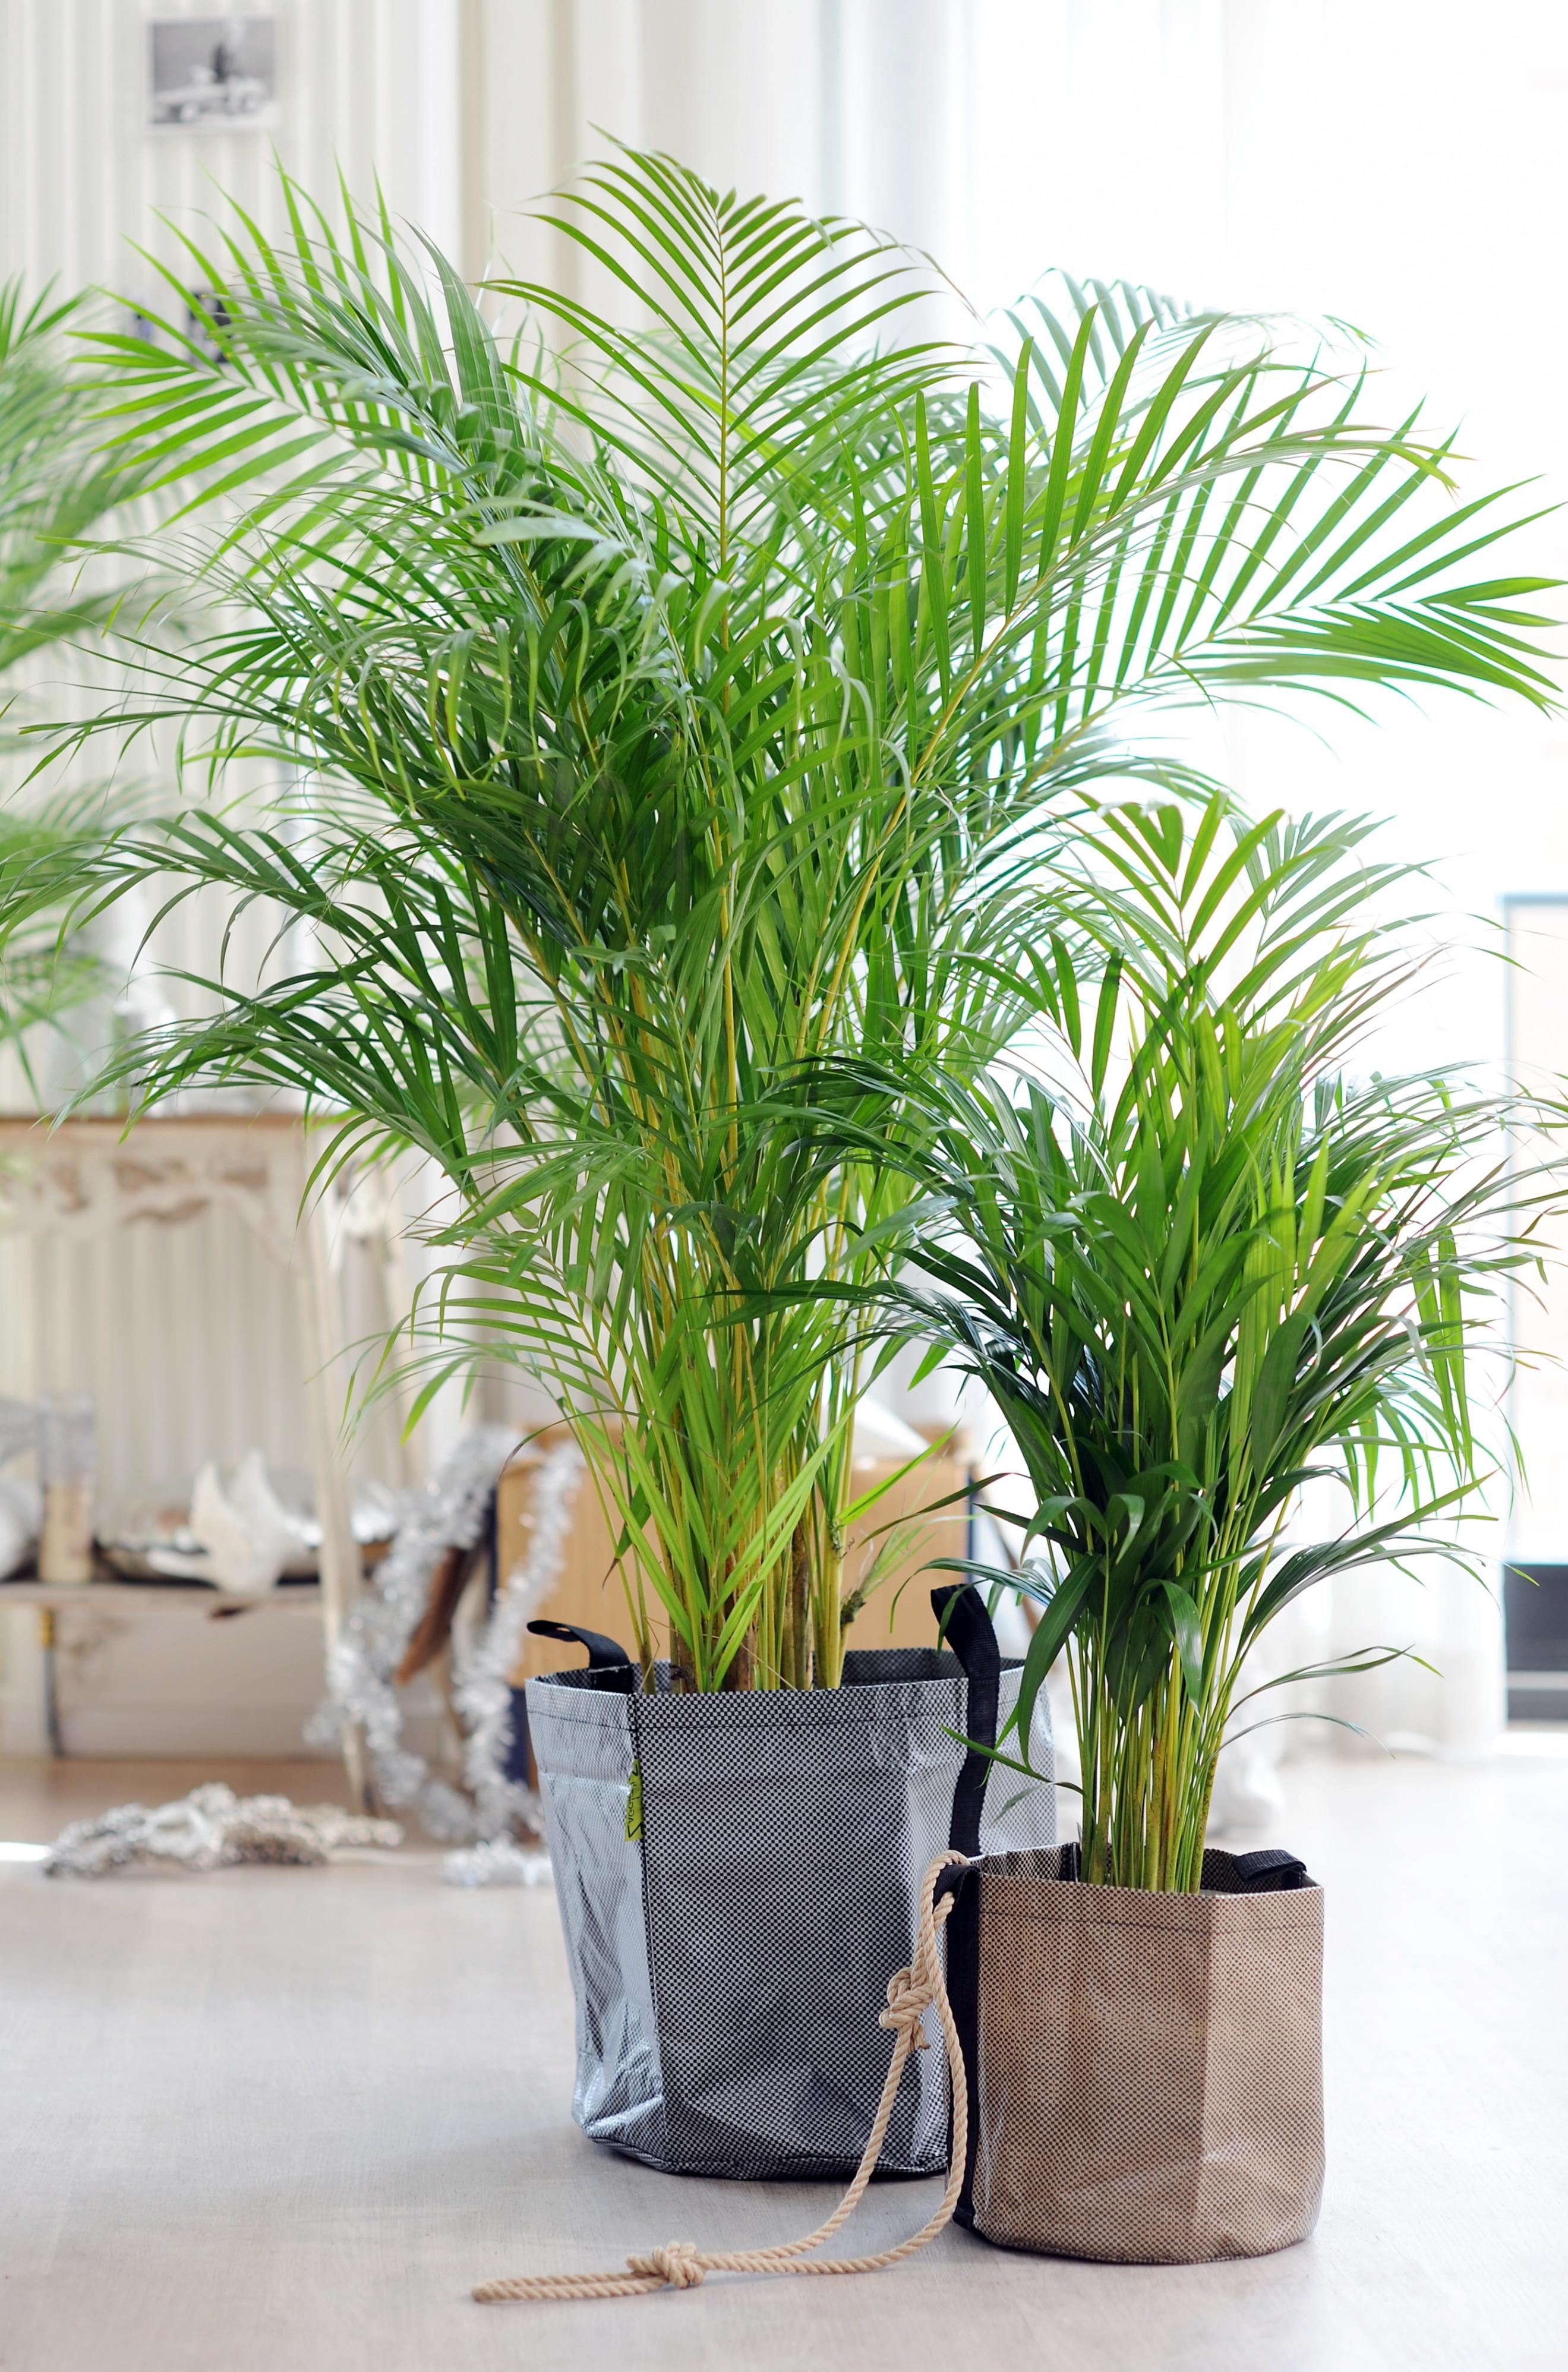 Wohnzimmer Pflanzen  Luxus Wohnzimmer Pflanzen Pflegeleicht